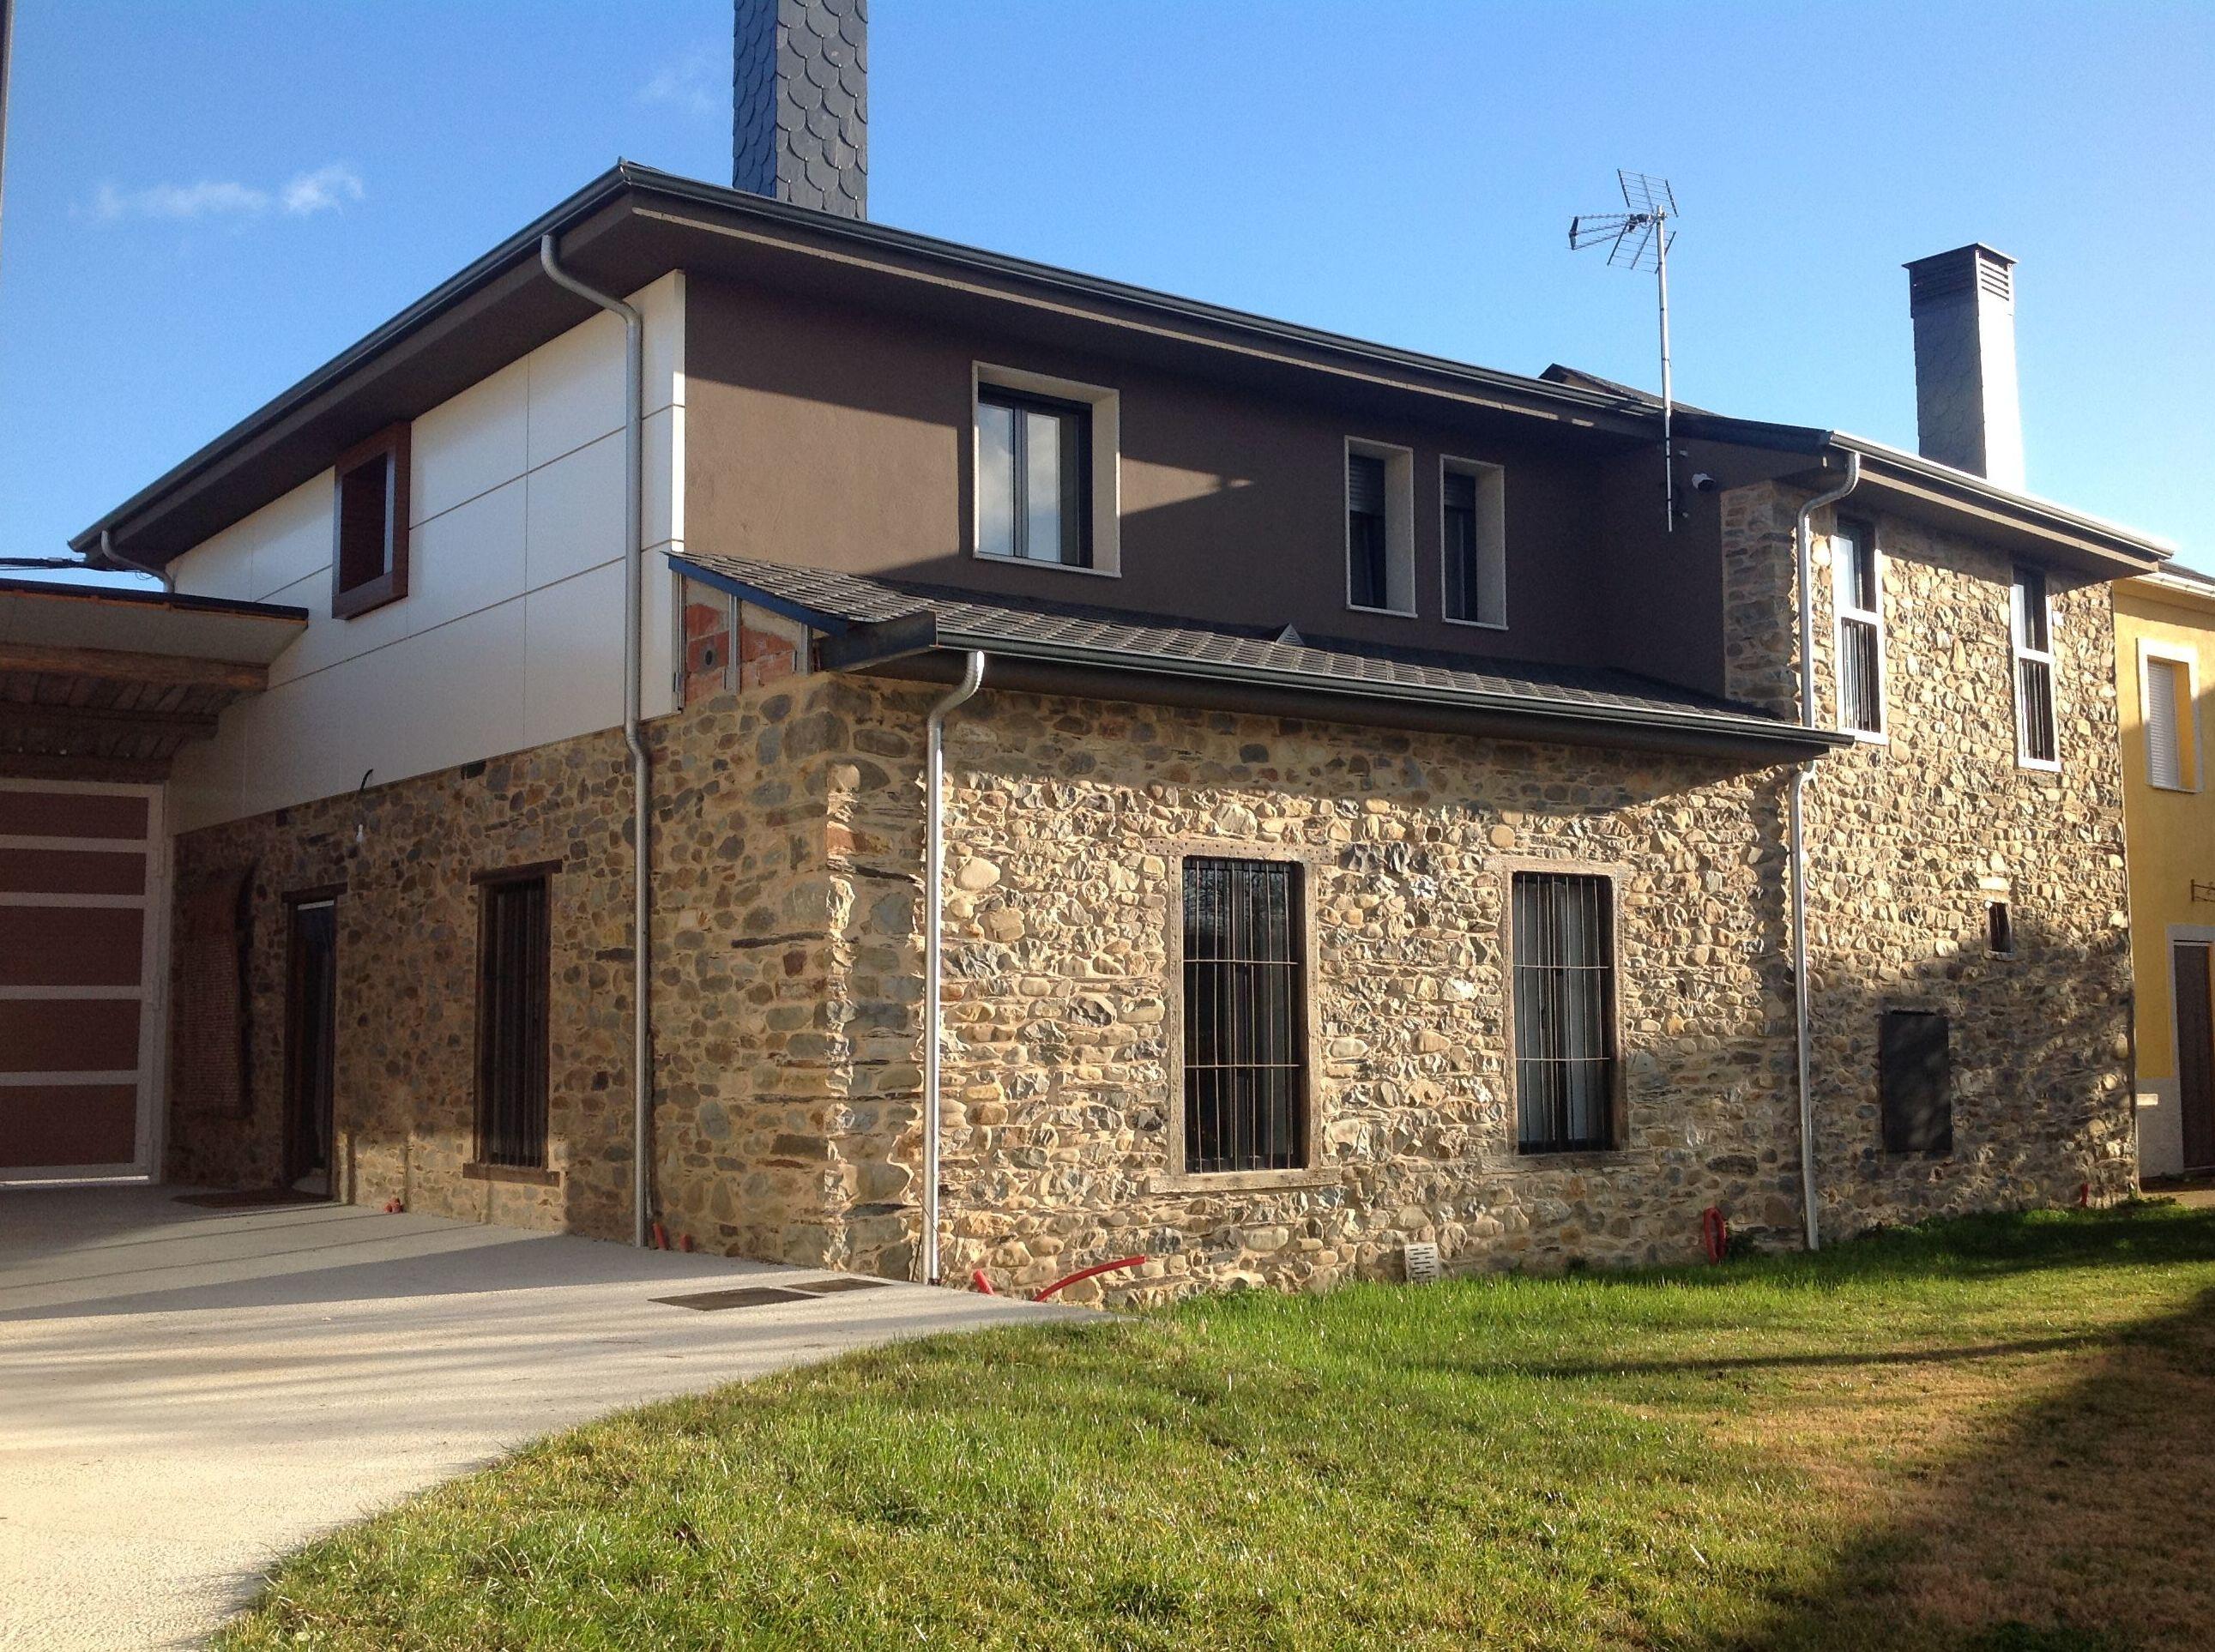 Foto 8 de Empresas de construcción en Cubillos del Sil | Promociones y Construcciones Antonio Puerto, S.A.